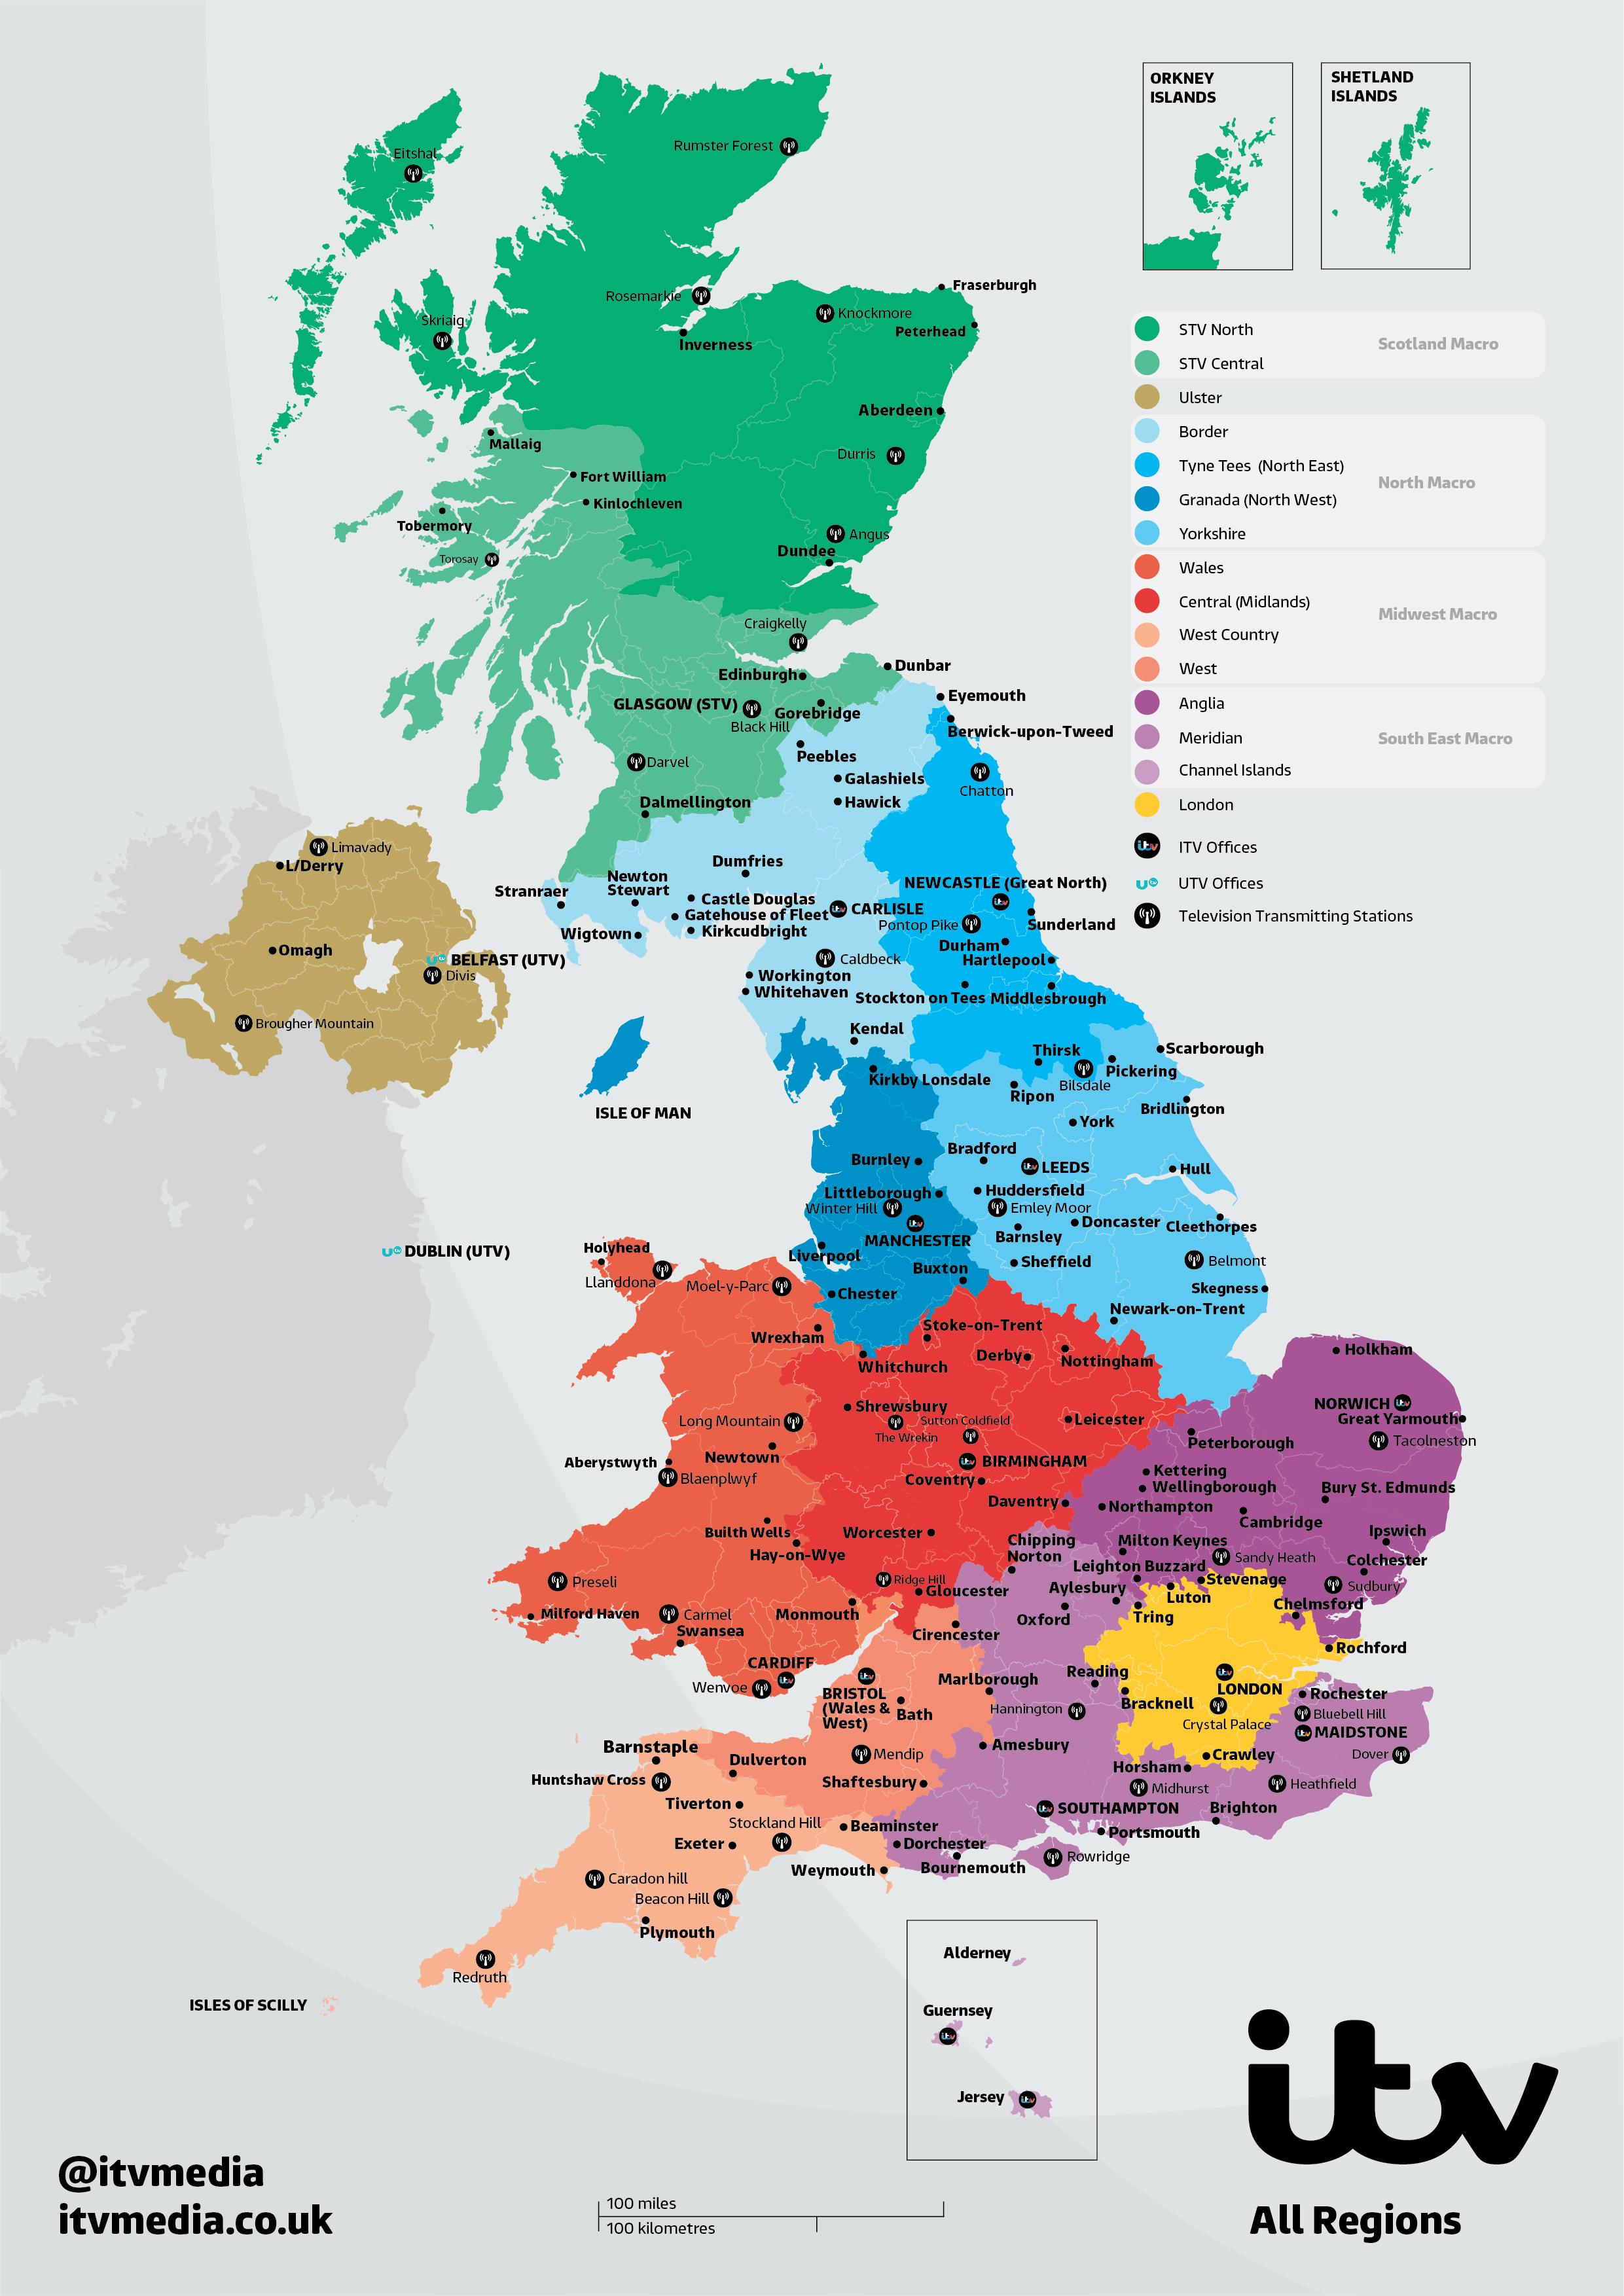 Overall UK Map_2019_Layered-01.jpg